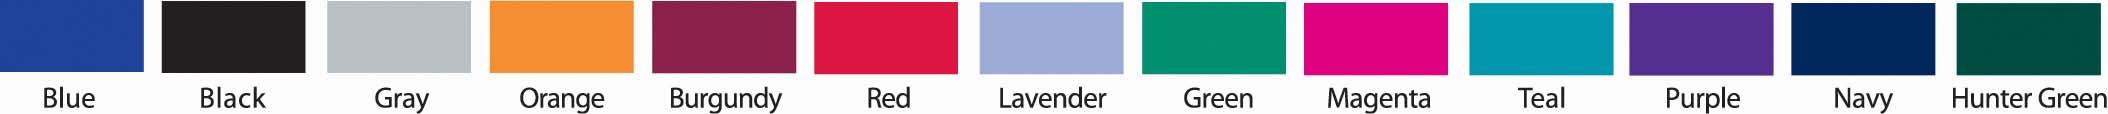 spectrum-nurse-stethoscope-adult-boxed-purple--10-428-200-lr-3.jpg